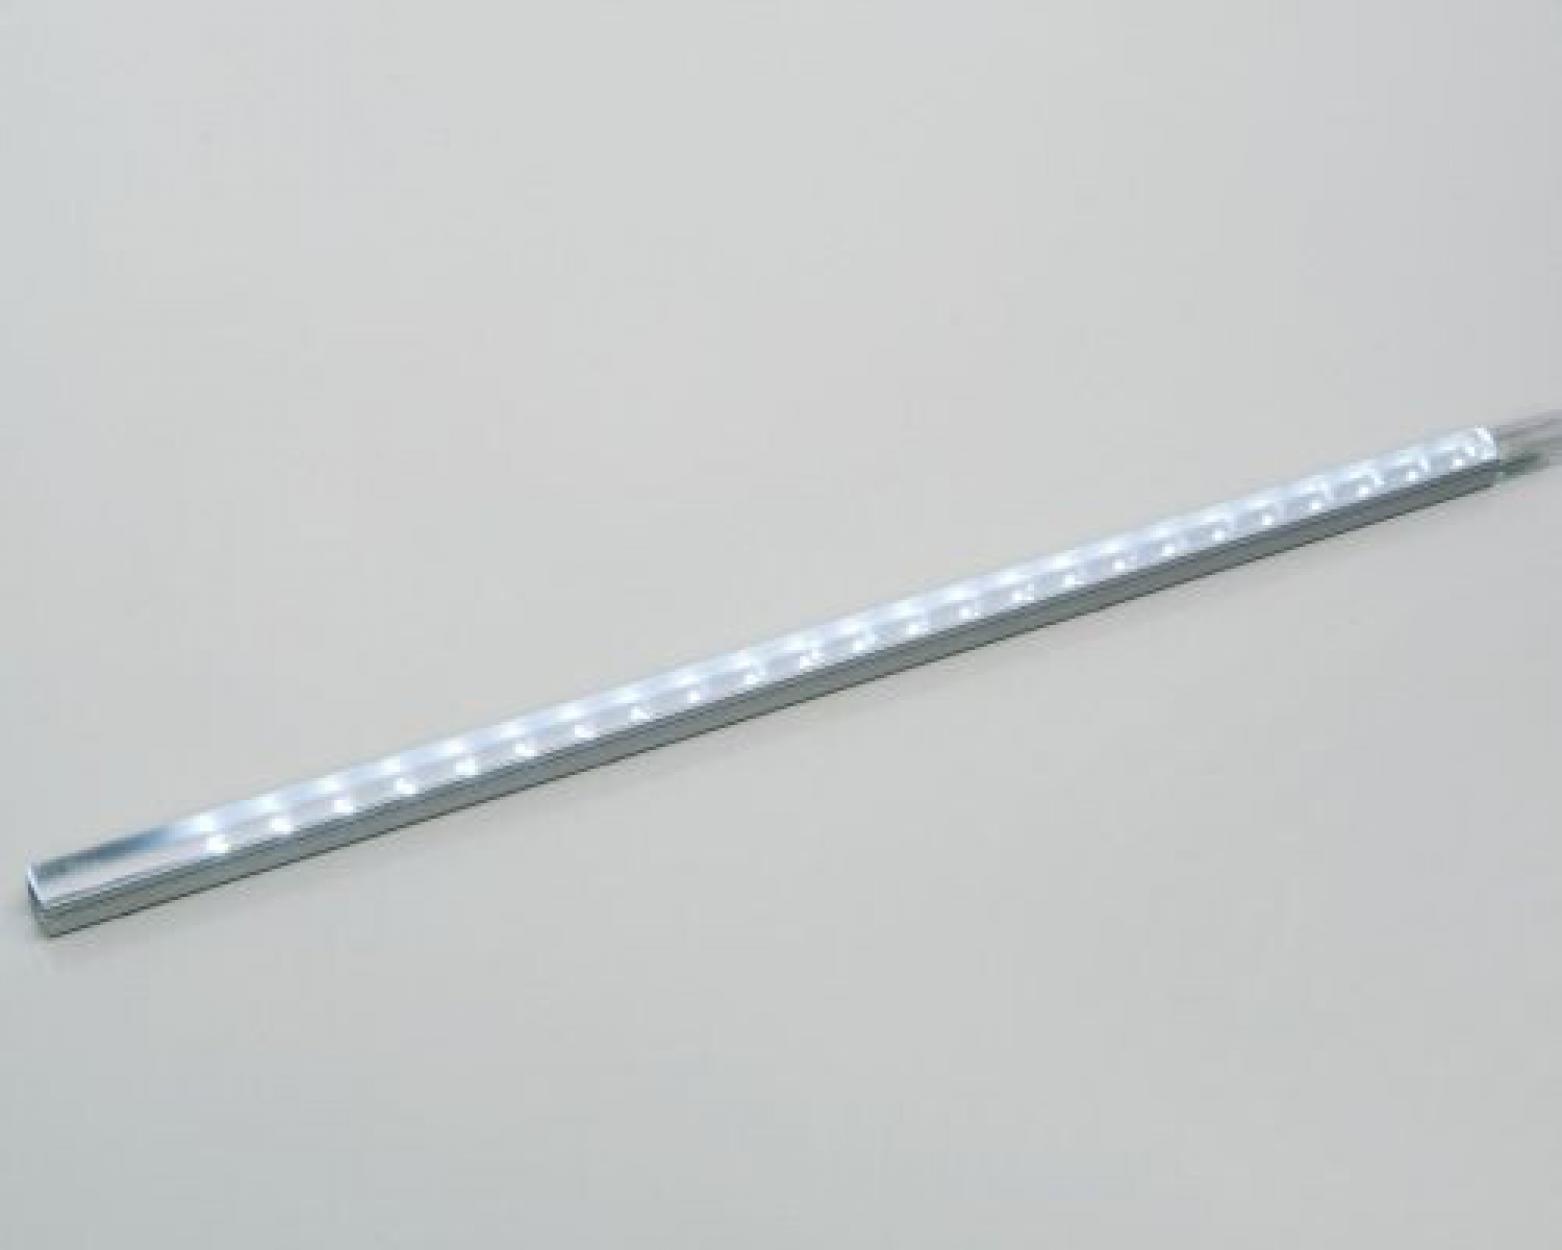 Strip LED HE 250mm 5000K (холодный свет)